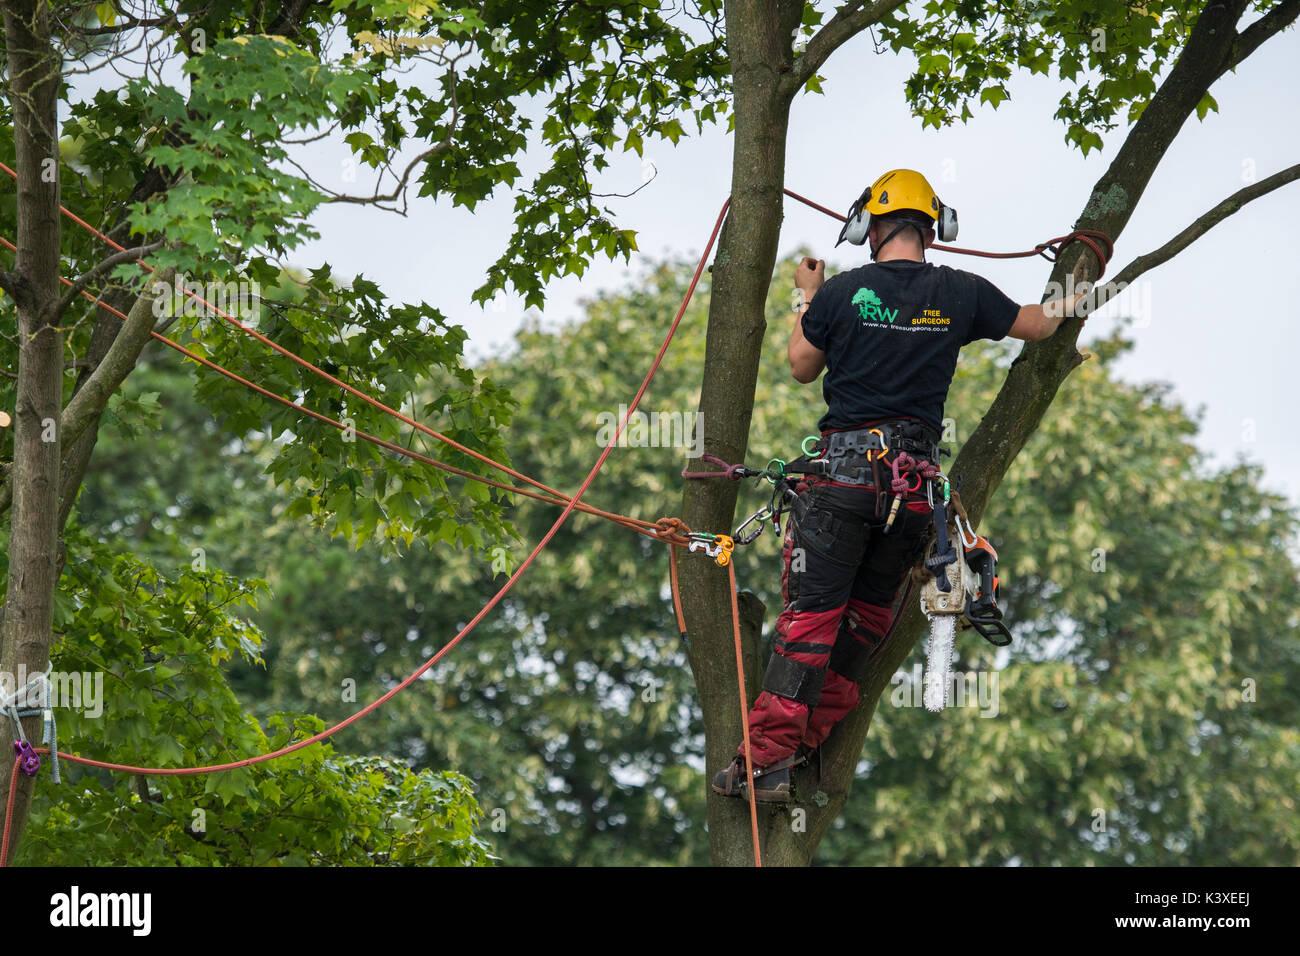 Tree chirurgo lavora in indumenti protettivi, utilizzando arrampicarsi sulle funi di sicurezza & con chainsaw, è alto in rami di albero giardino - Yorkshire, Inghilterra, Regno Unito. Immagini Stock